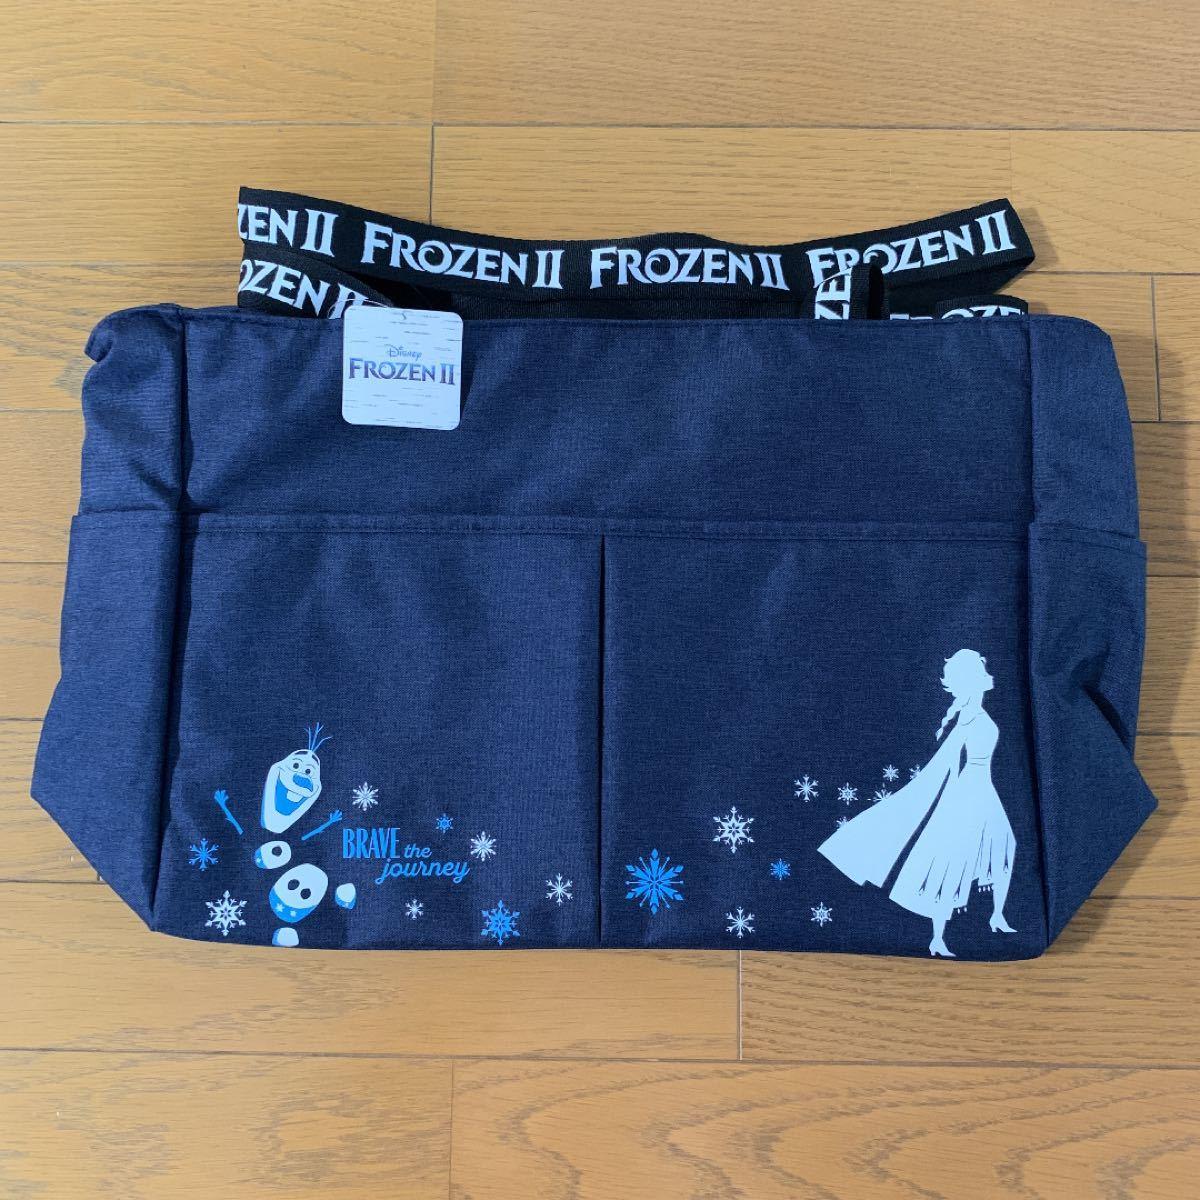 アナ雪Ⅱ・非売品大きめバッグ